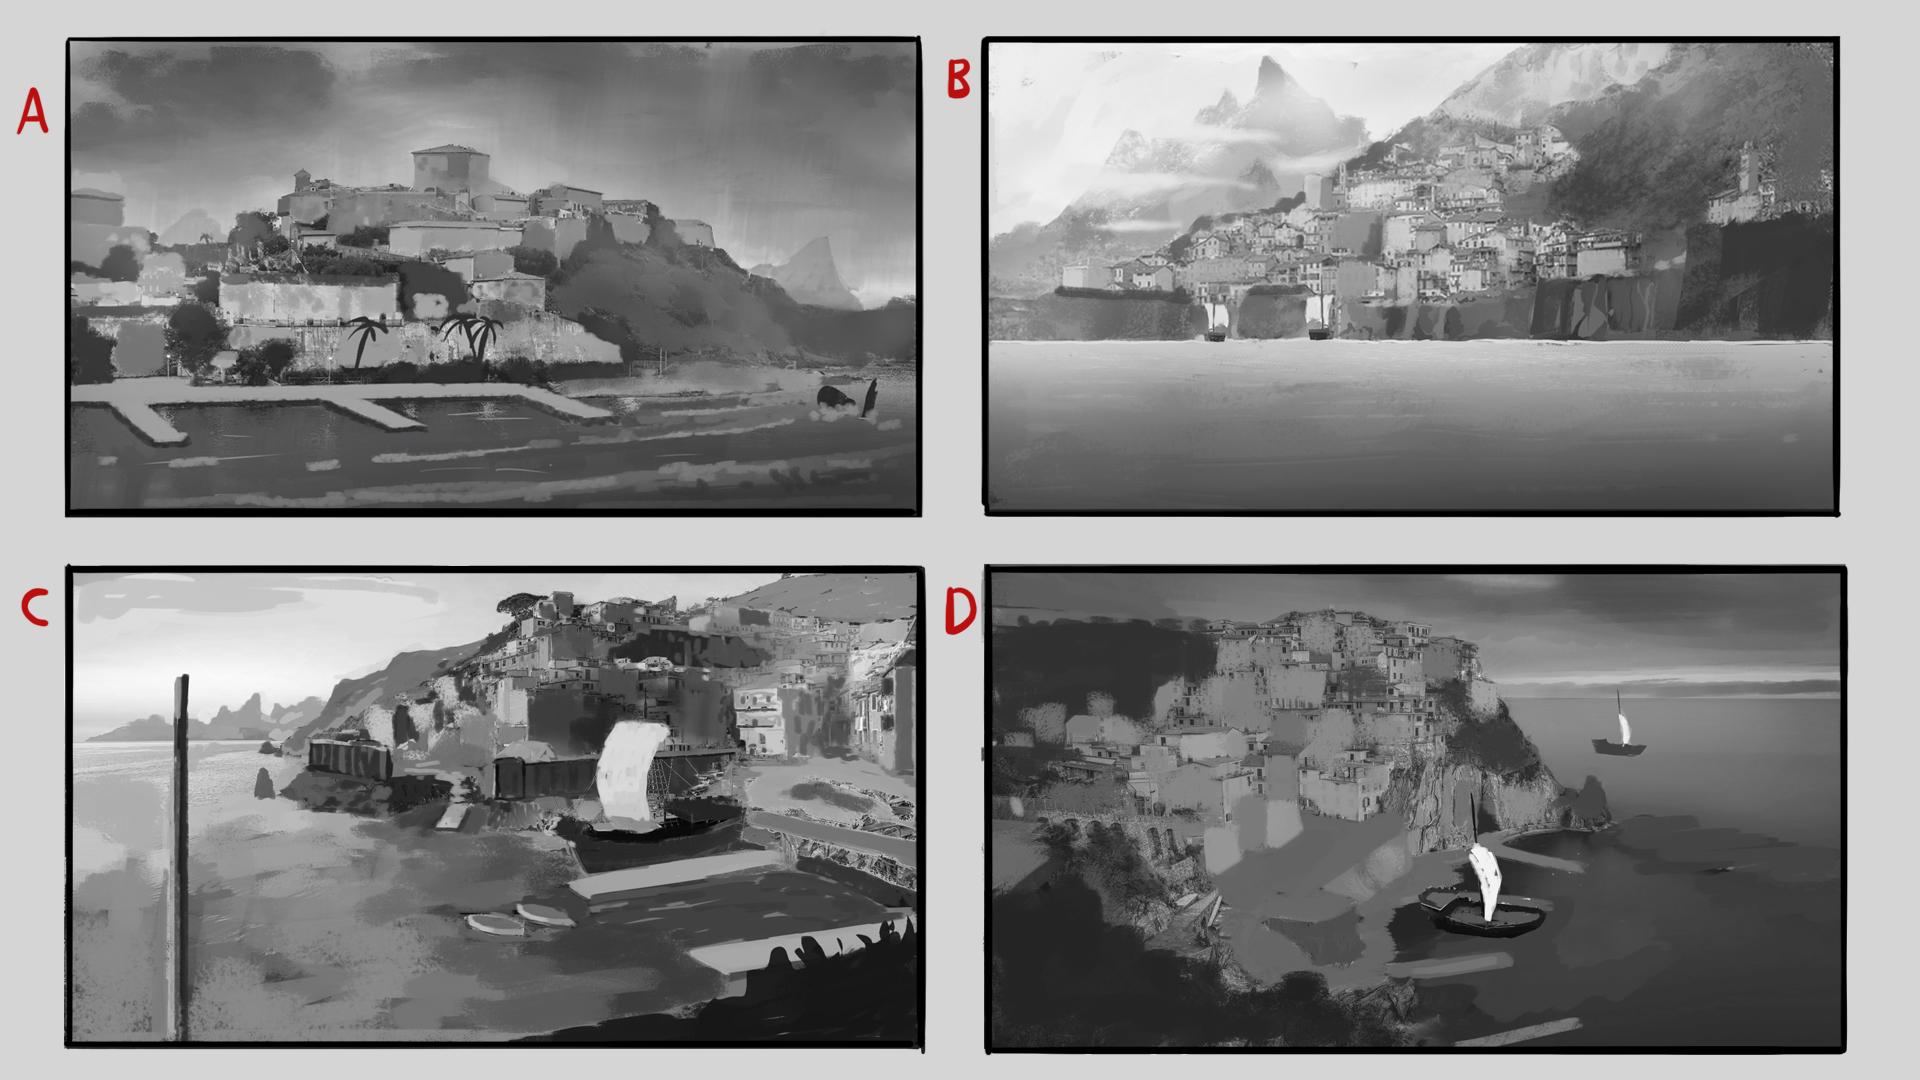 Thumbnail sketches of Wardensbay